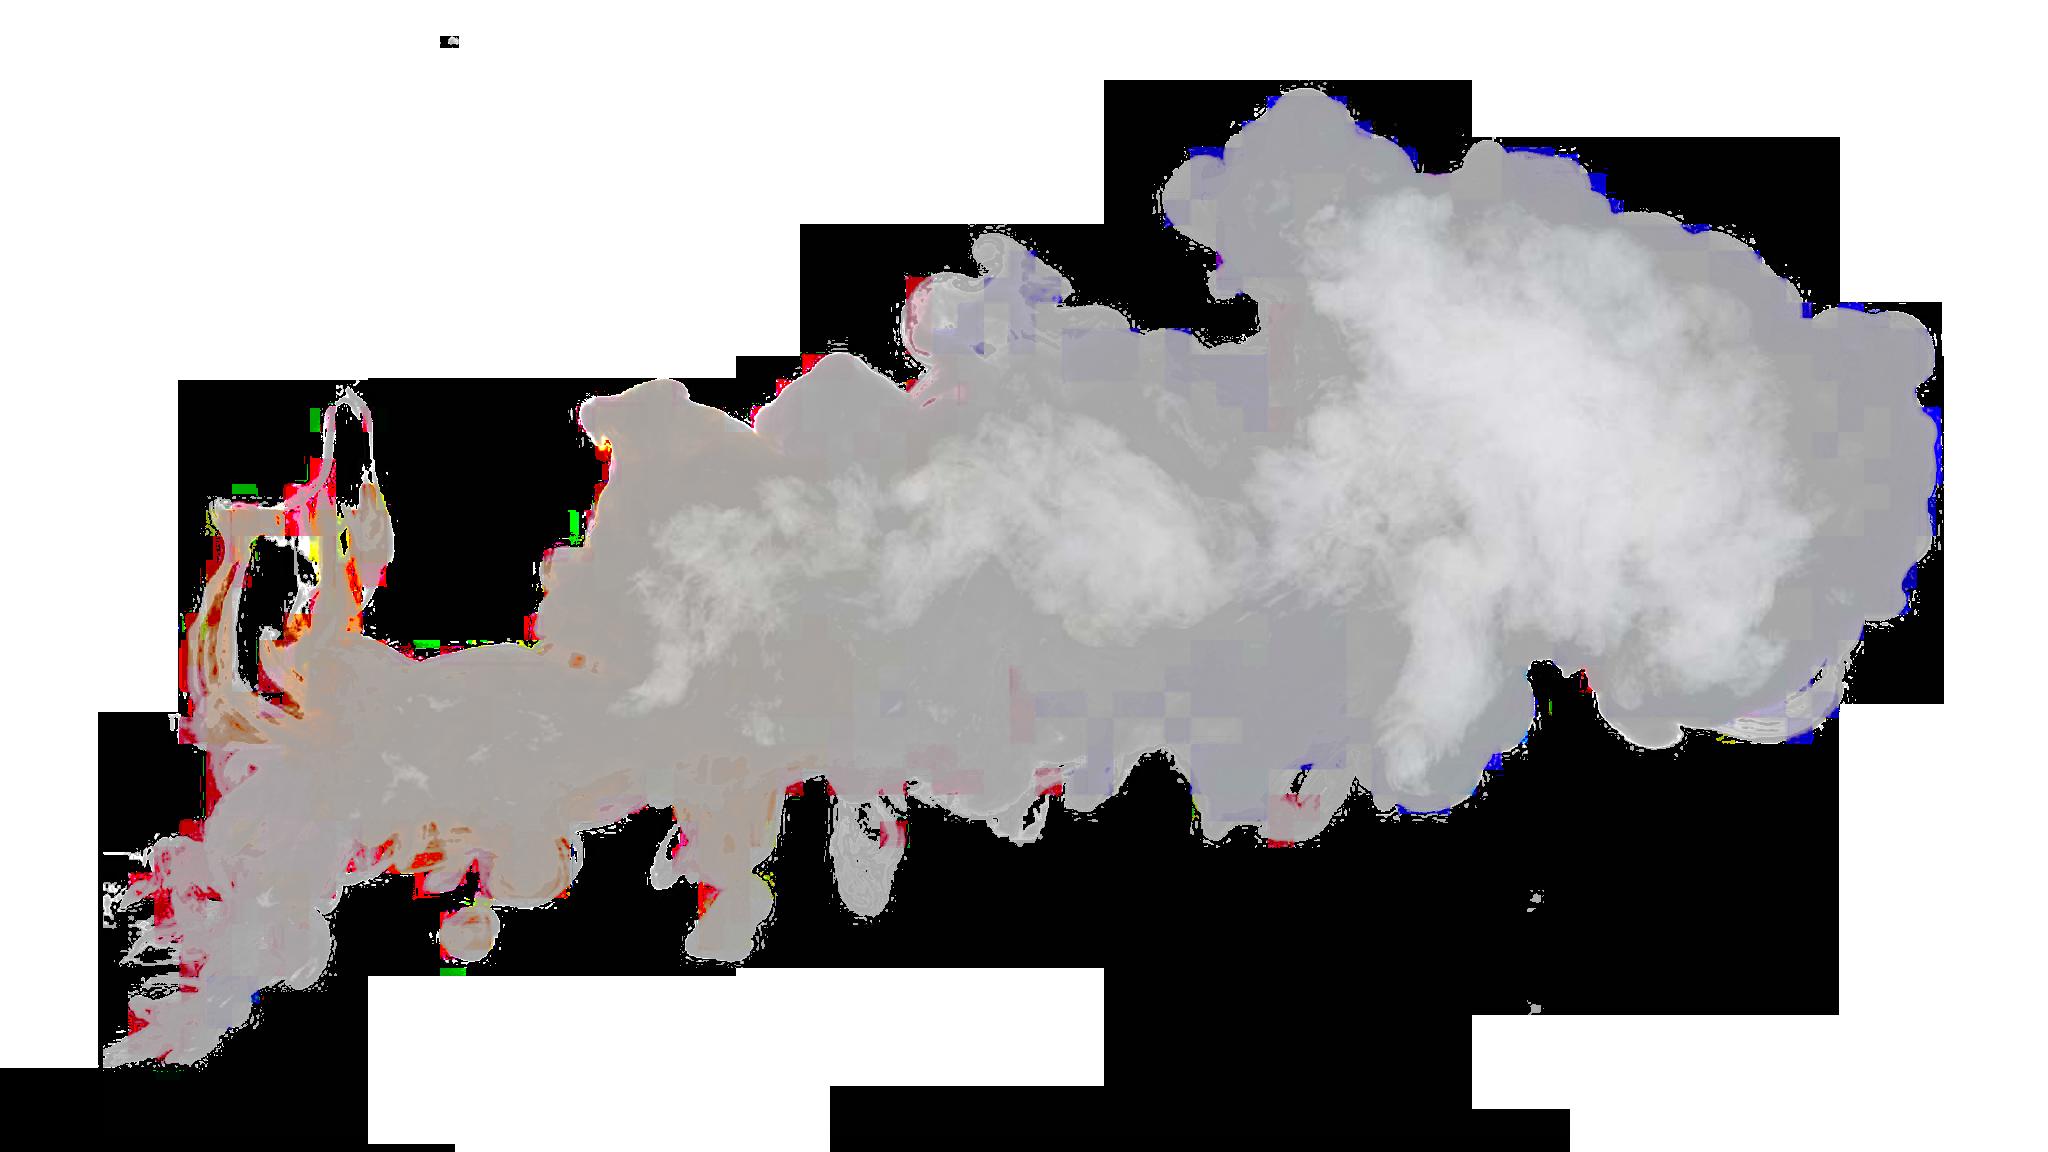 Smoke PNG Image - PurePNG | Free transparent CC0 PNG Image ...